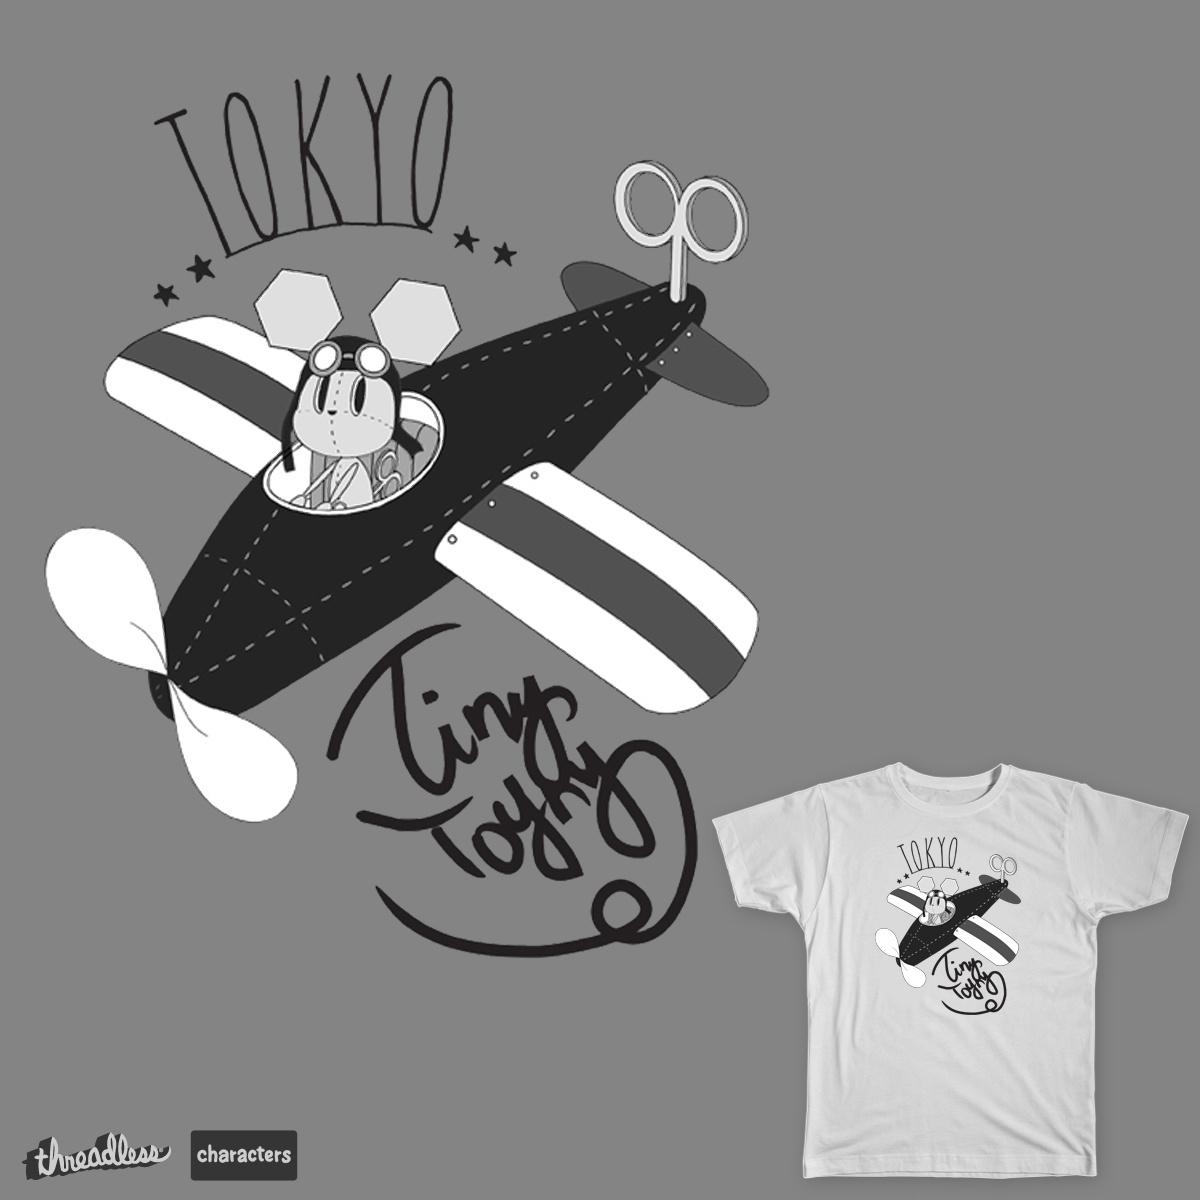 Tiny Toyny by Hinako on Threadless